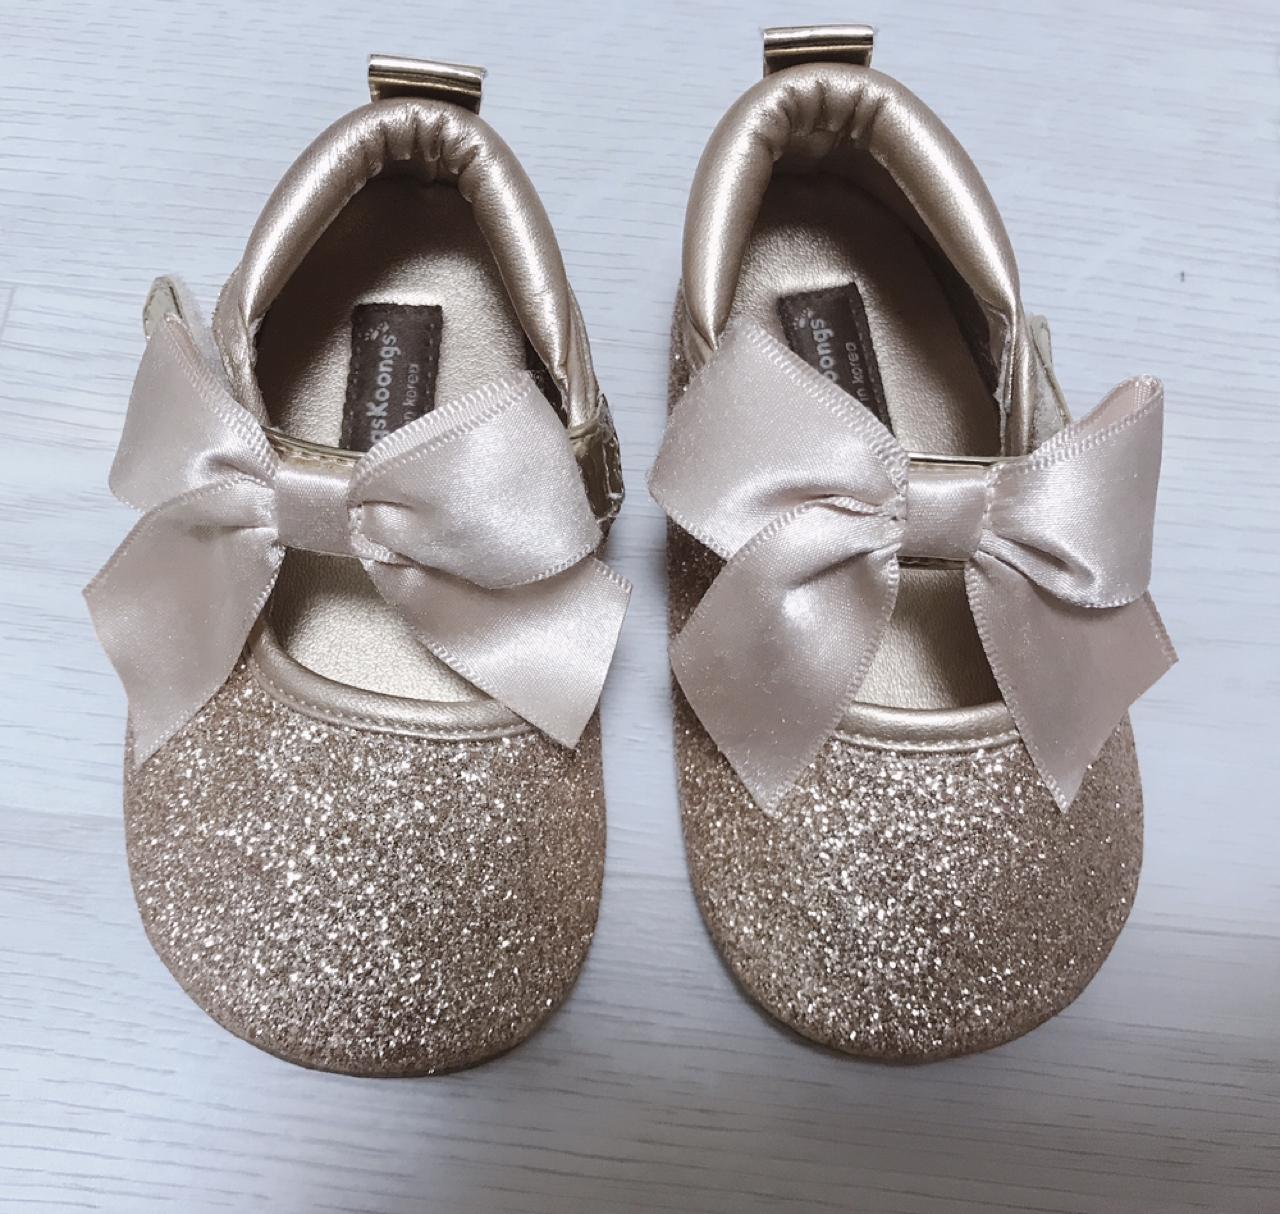 쿵스쿵스 팅커벨 골드 신발 : 135